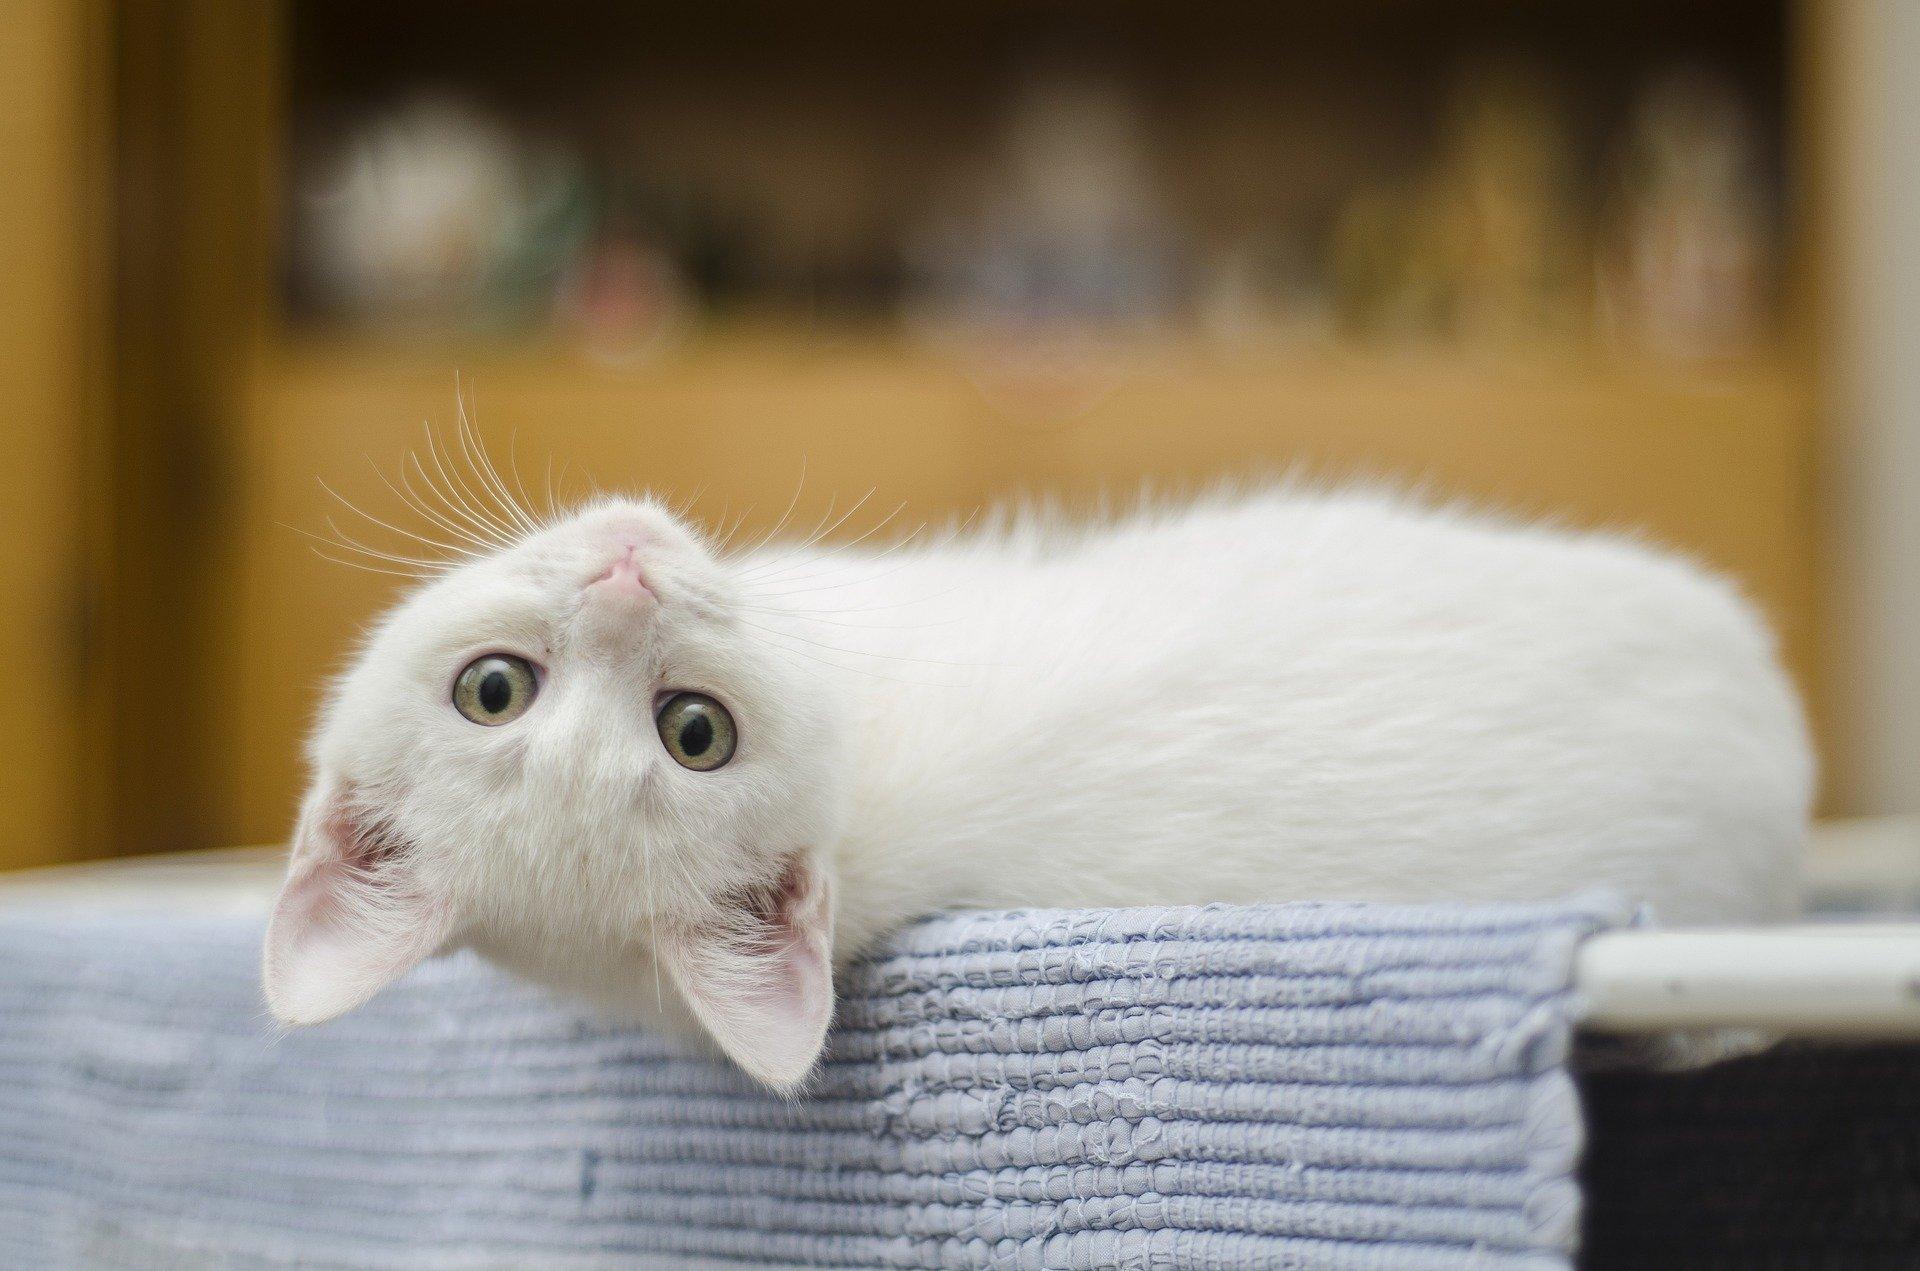 Los gatos comen varias veces al día